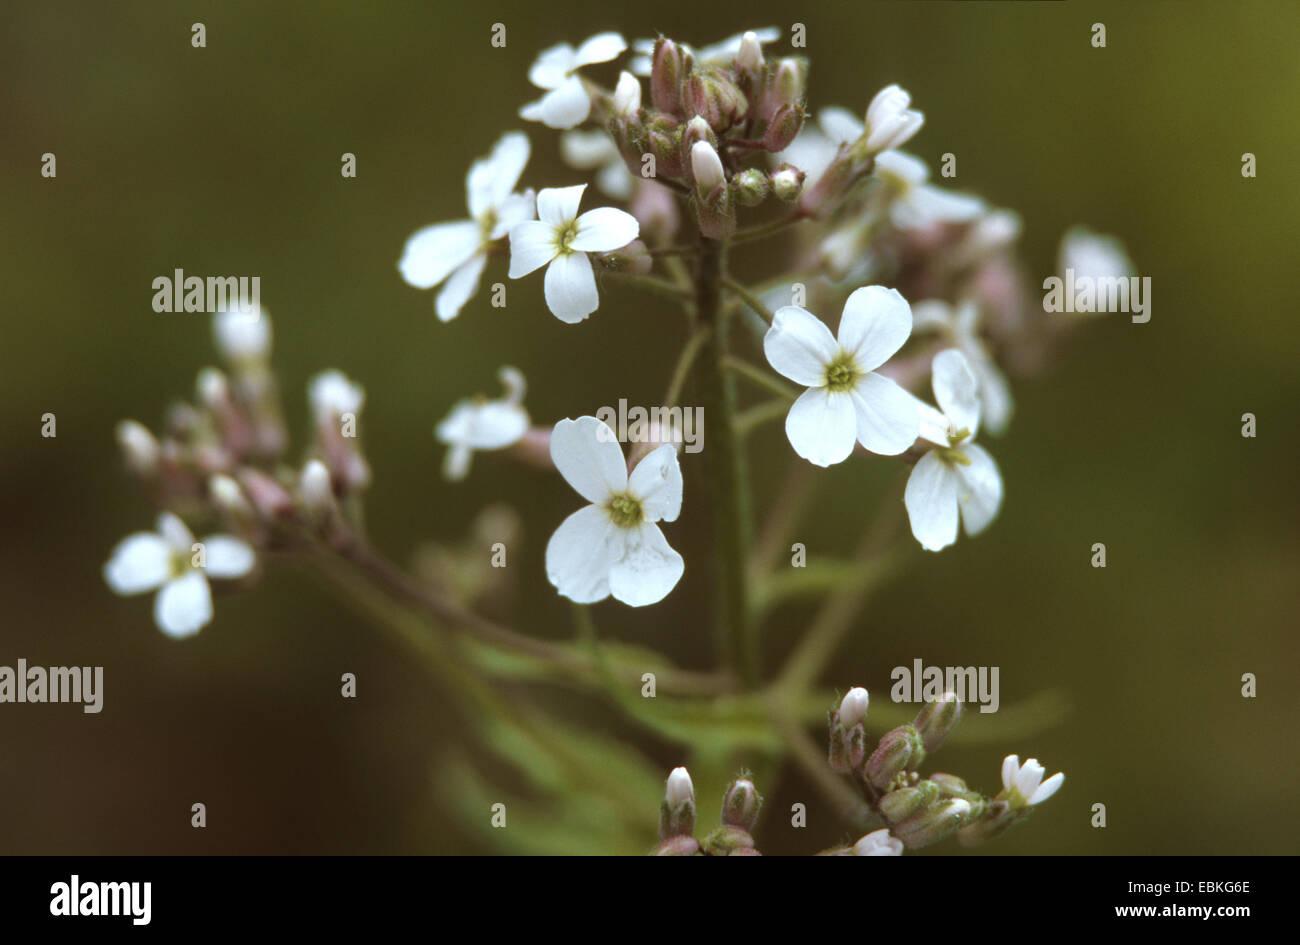 La dame-fusée, dame de la violette, roquette, Dame's rocket (Hesperis matronalis), à fleurs blanches, Photo Stock